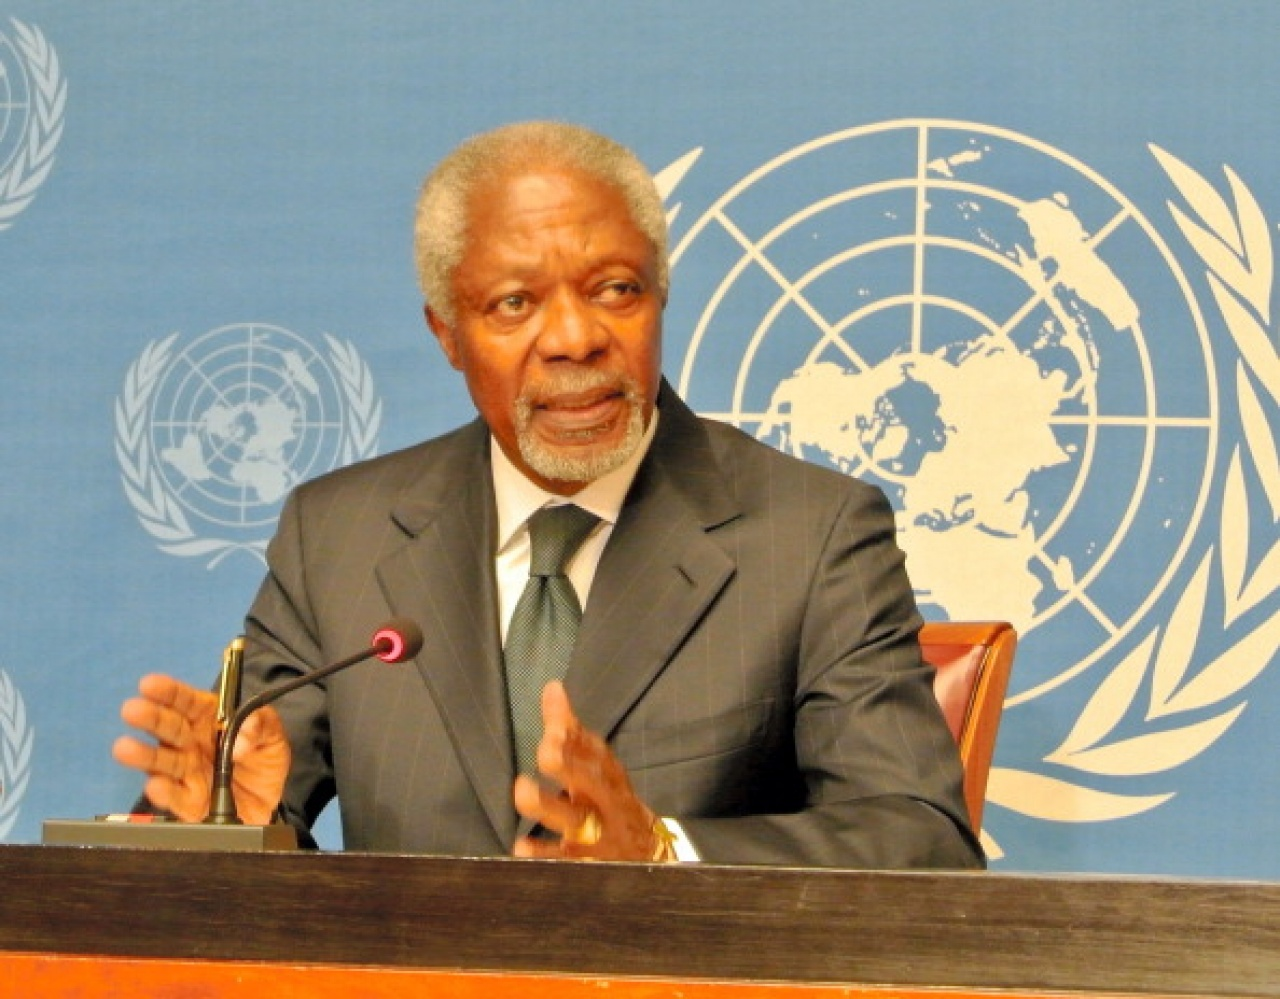 联合国前秘书长安南在国内和国际舆论中都很醒目